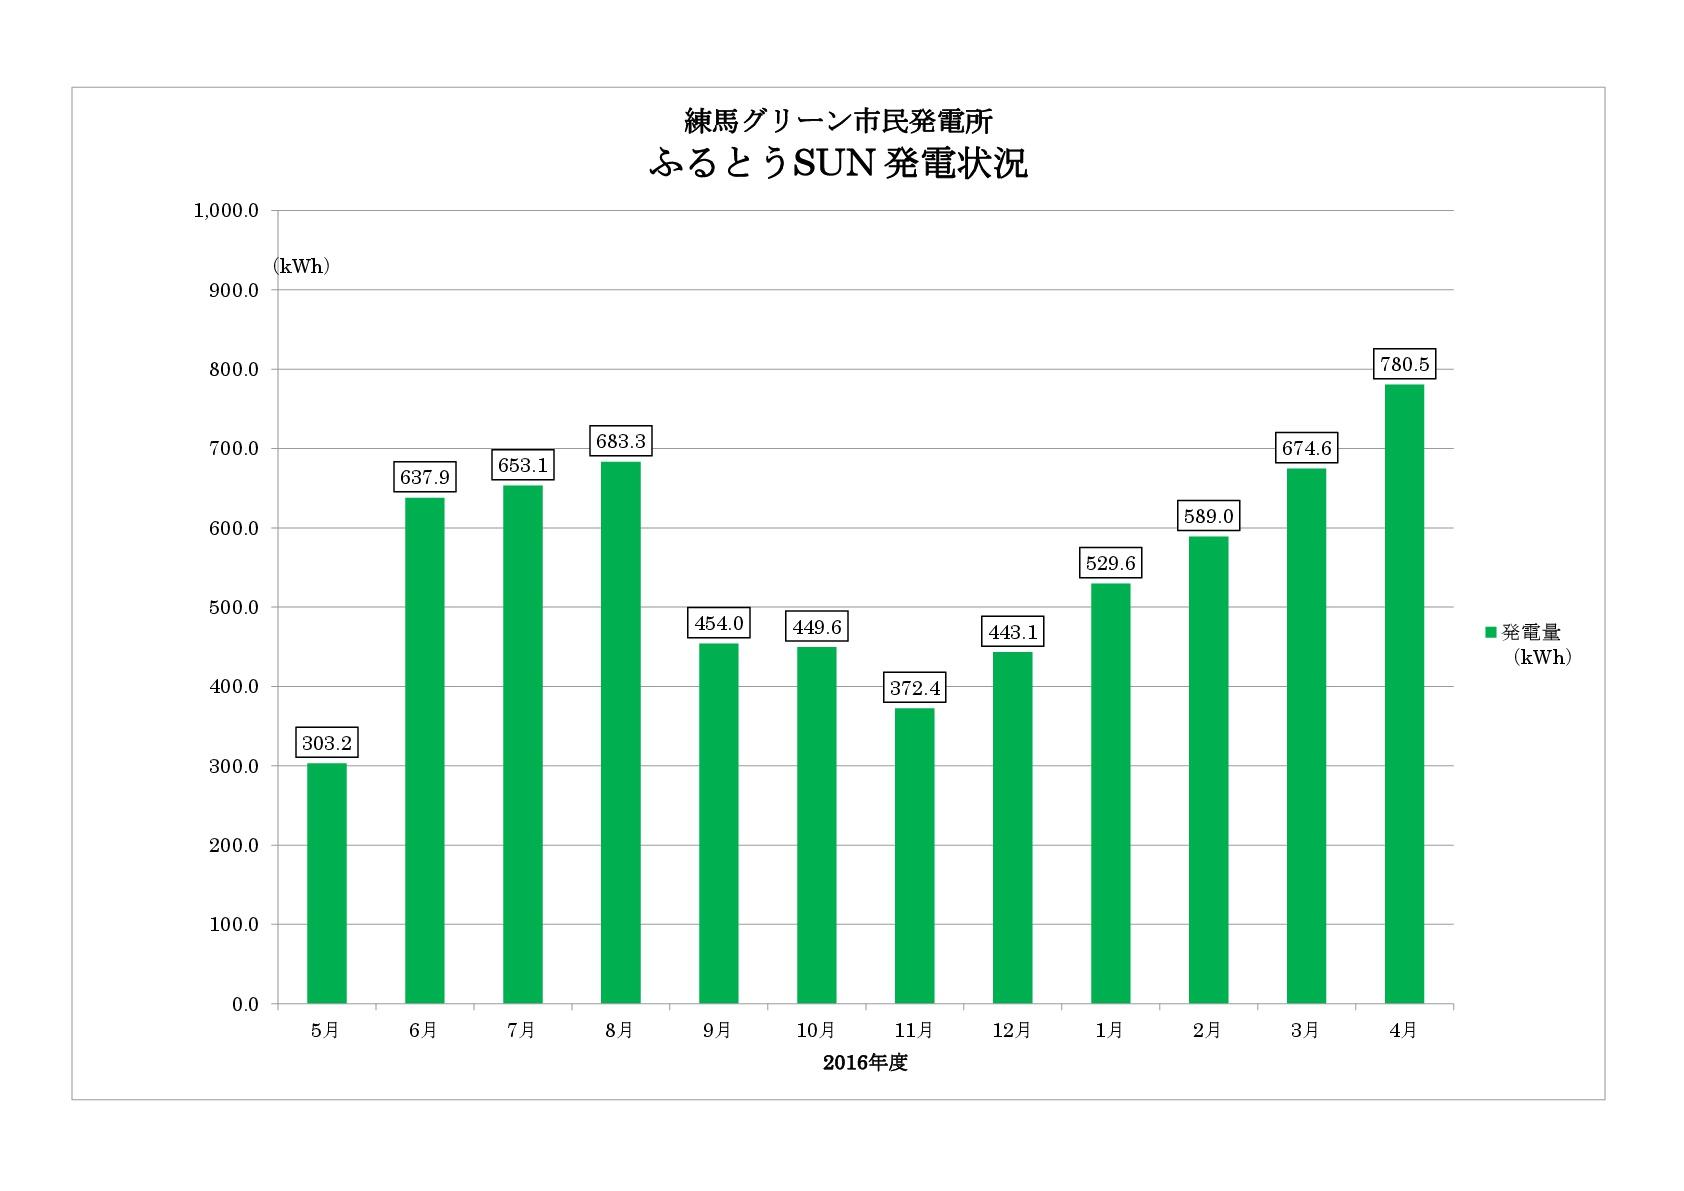 練馬グリーン市民発電所ふるとうSUN発電状況のイメージ